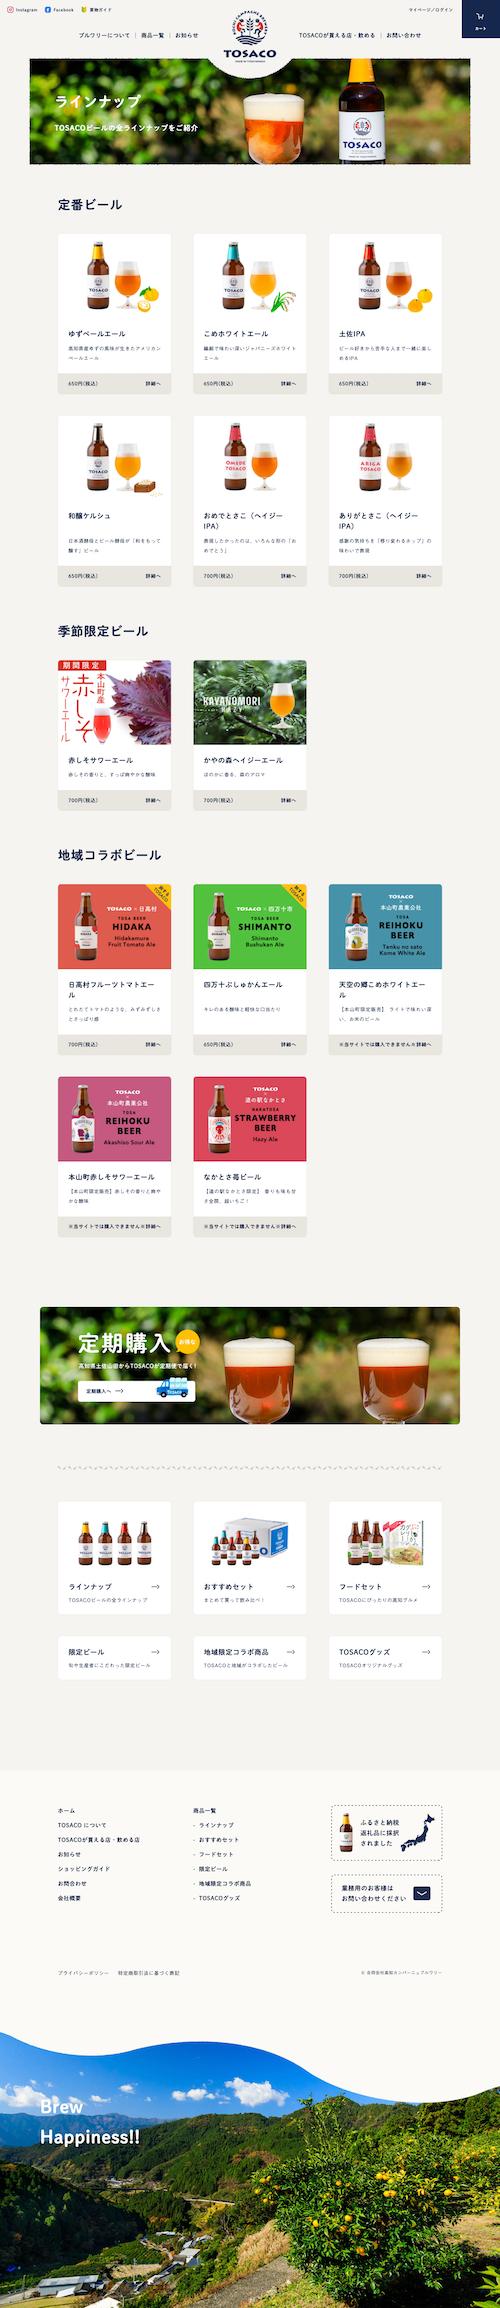 tosaco-brewing-item-lineup